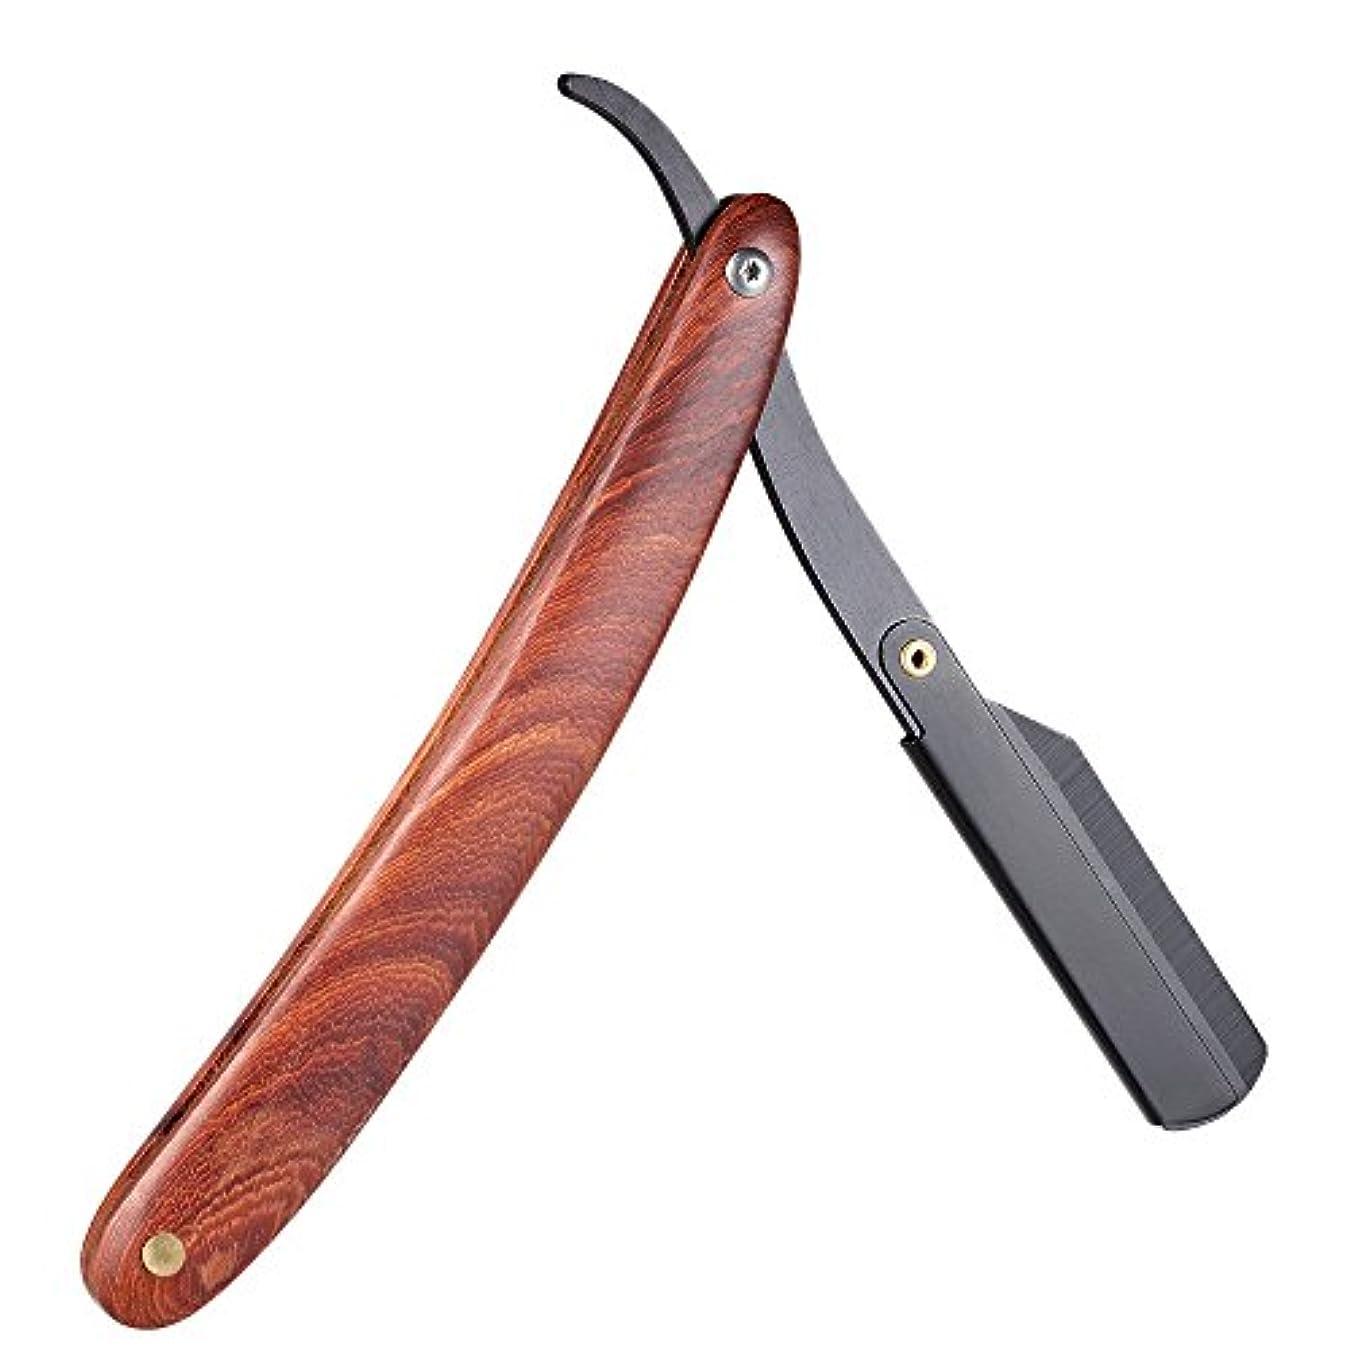 Decdeal 剃刀 ステンレススチール ストレートエッジシェービング剃刀 木製ハンドル 折り畳み式 シェービングナイフ ヘア アイブロー ひげ剃りシェービングツール ブラウン (タイプ2) (タイプ)